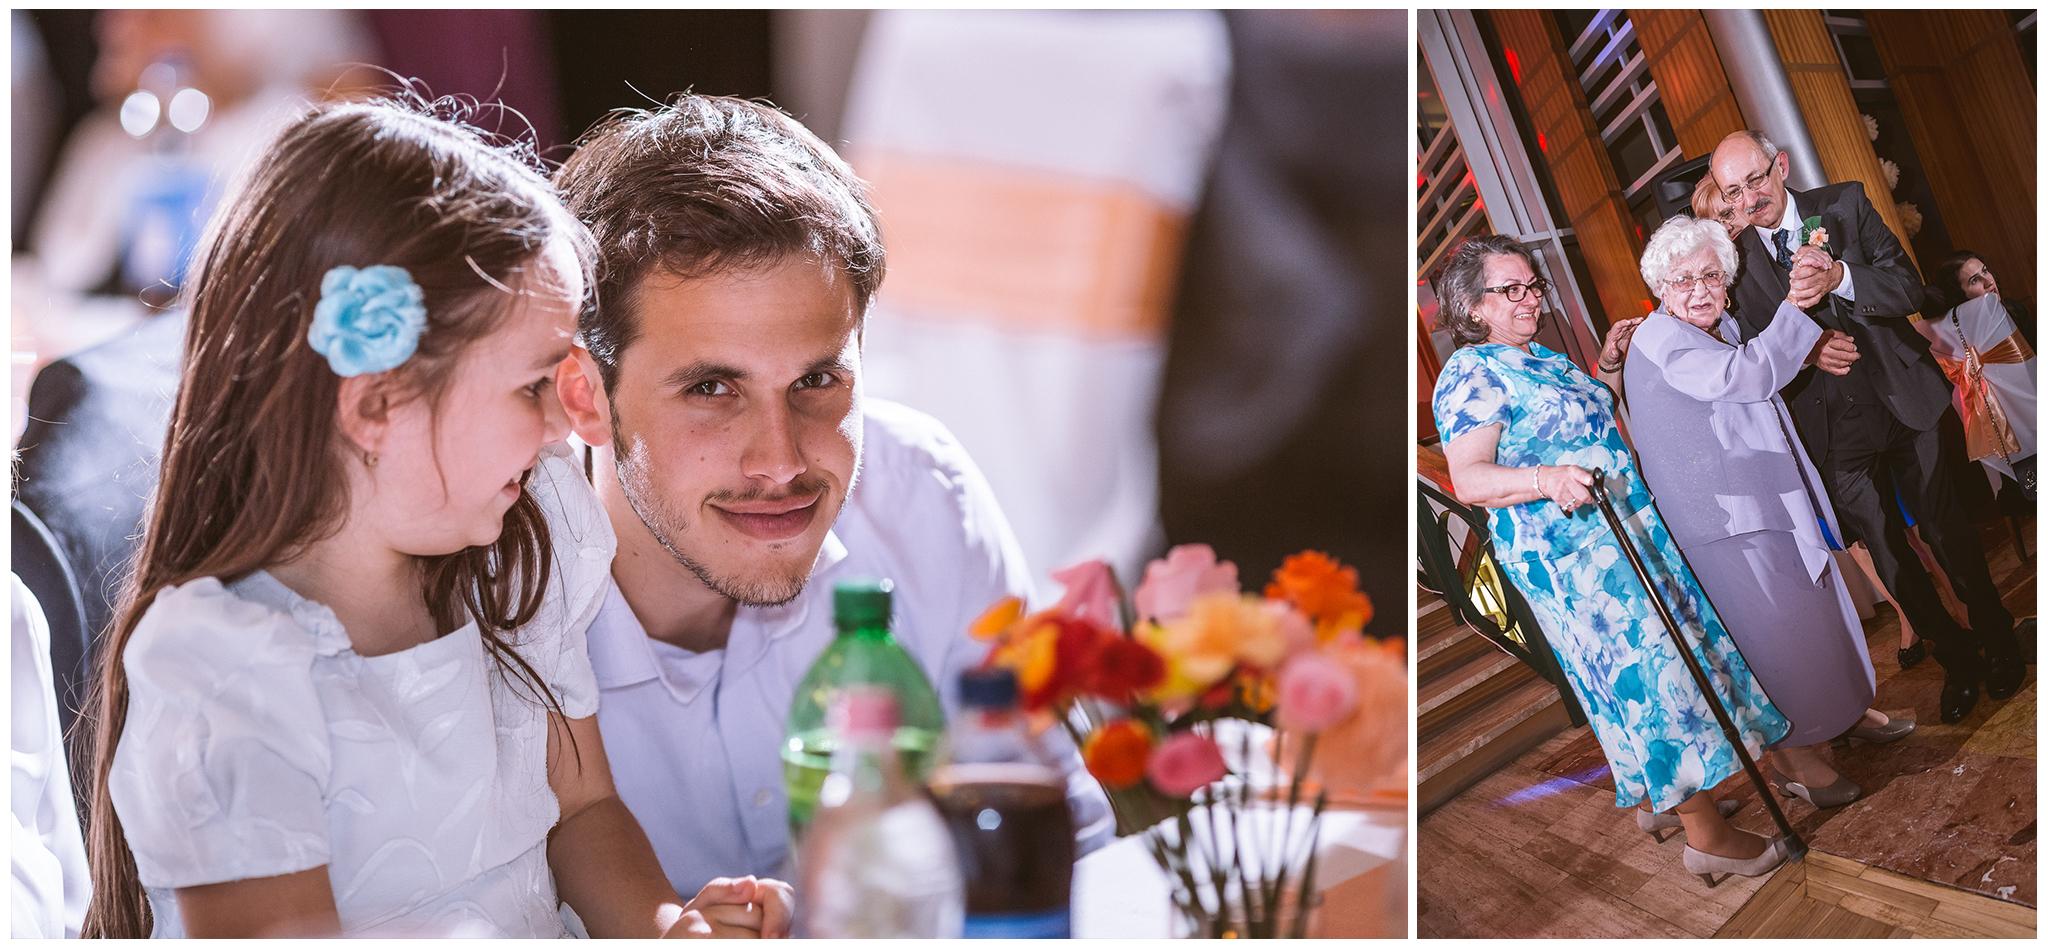 FylepPhoto, esküvőfotós, esküvői fotós Körmend, Szombathely, esküvőfotózás, magyarország, vas megye, prémium, jegyesfotózás, Fülöp Péter, körmend, kreatív, fotográfus_041.jpg